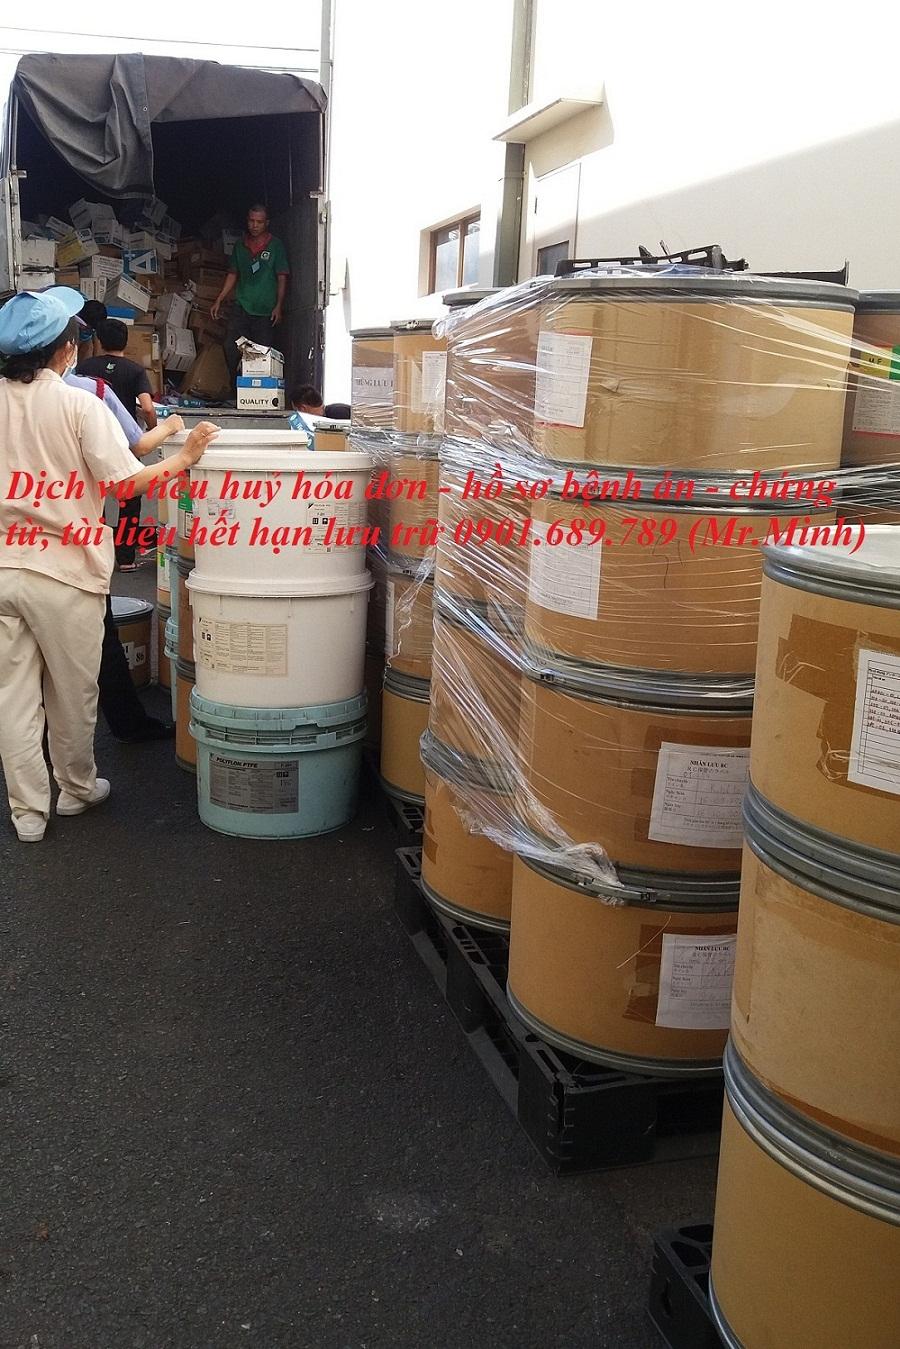 Dịch vụ tiêu huỷ hóa đơn - hồ sơ bệnh án - chứng từ , tài liệu hết hạn lưu trữ